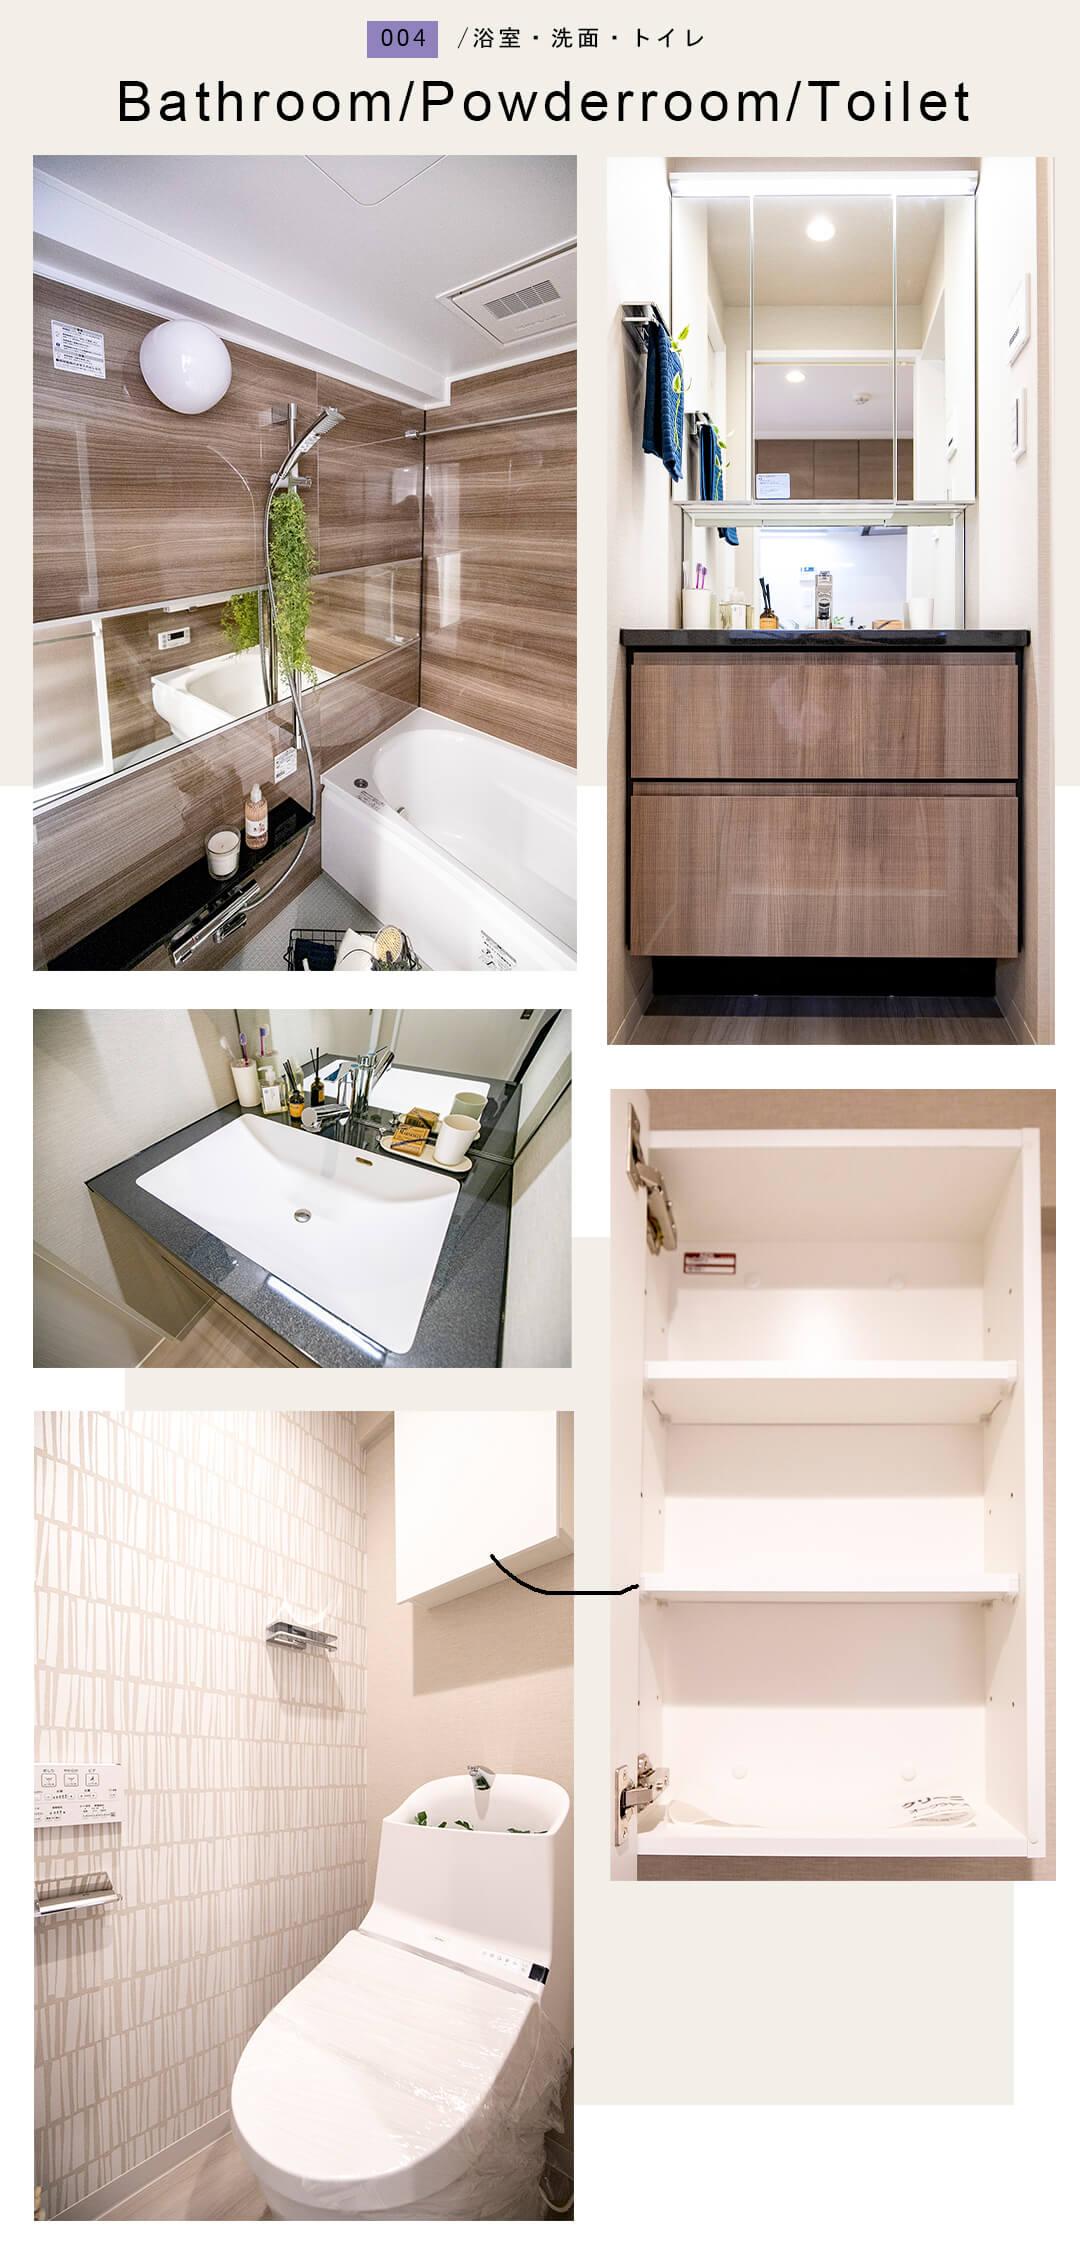 0004浴室,洗面,トイレ,Bathroom,Powderroom,Toilet